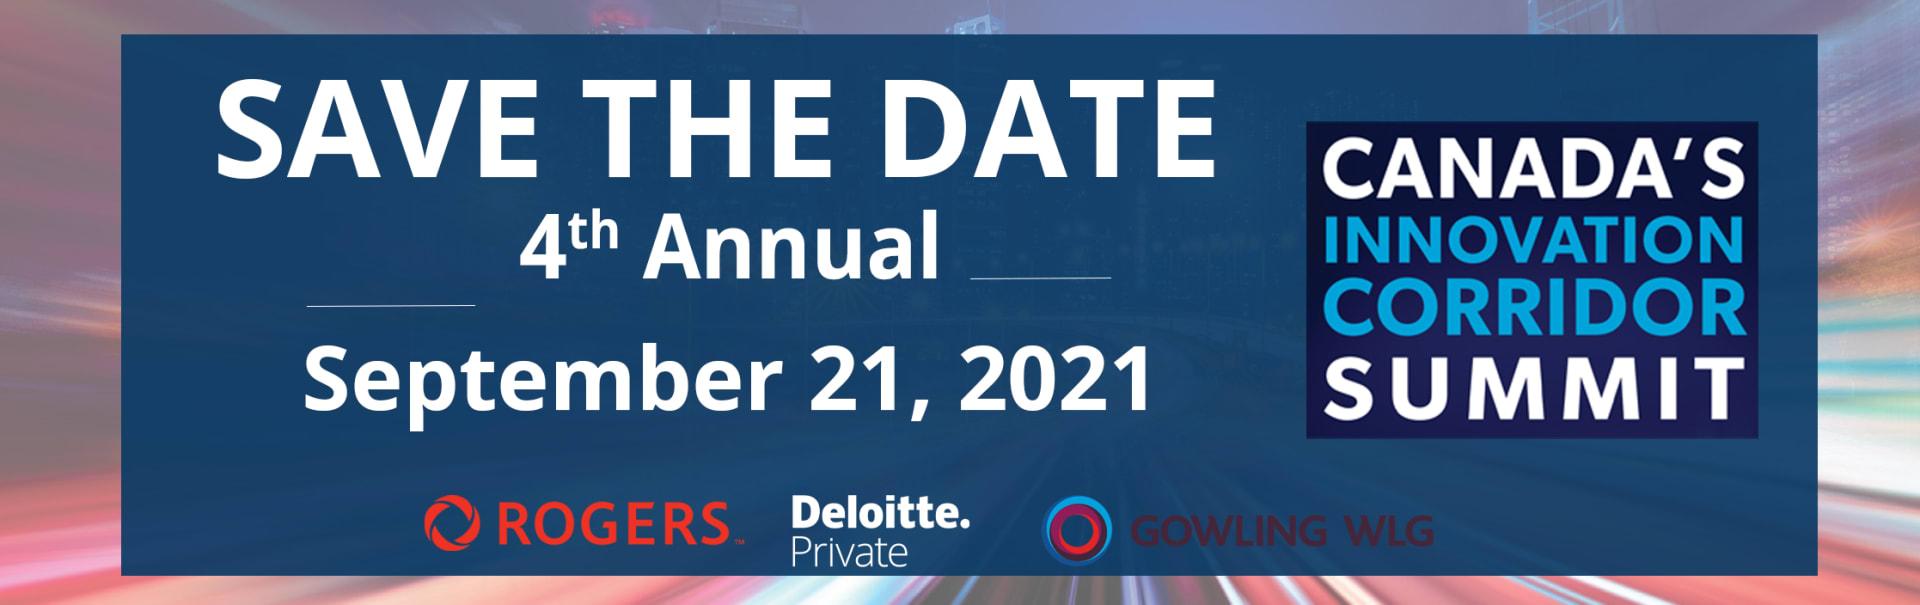 Innovation-Summit-Fall-2020-Twitter.jpg